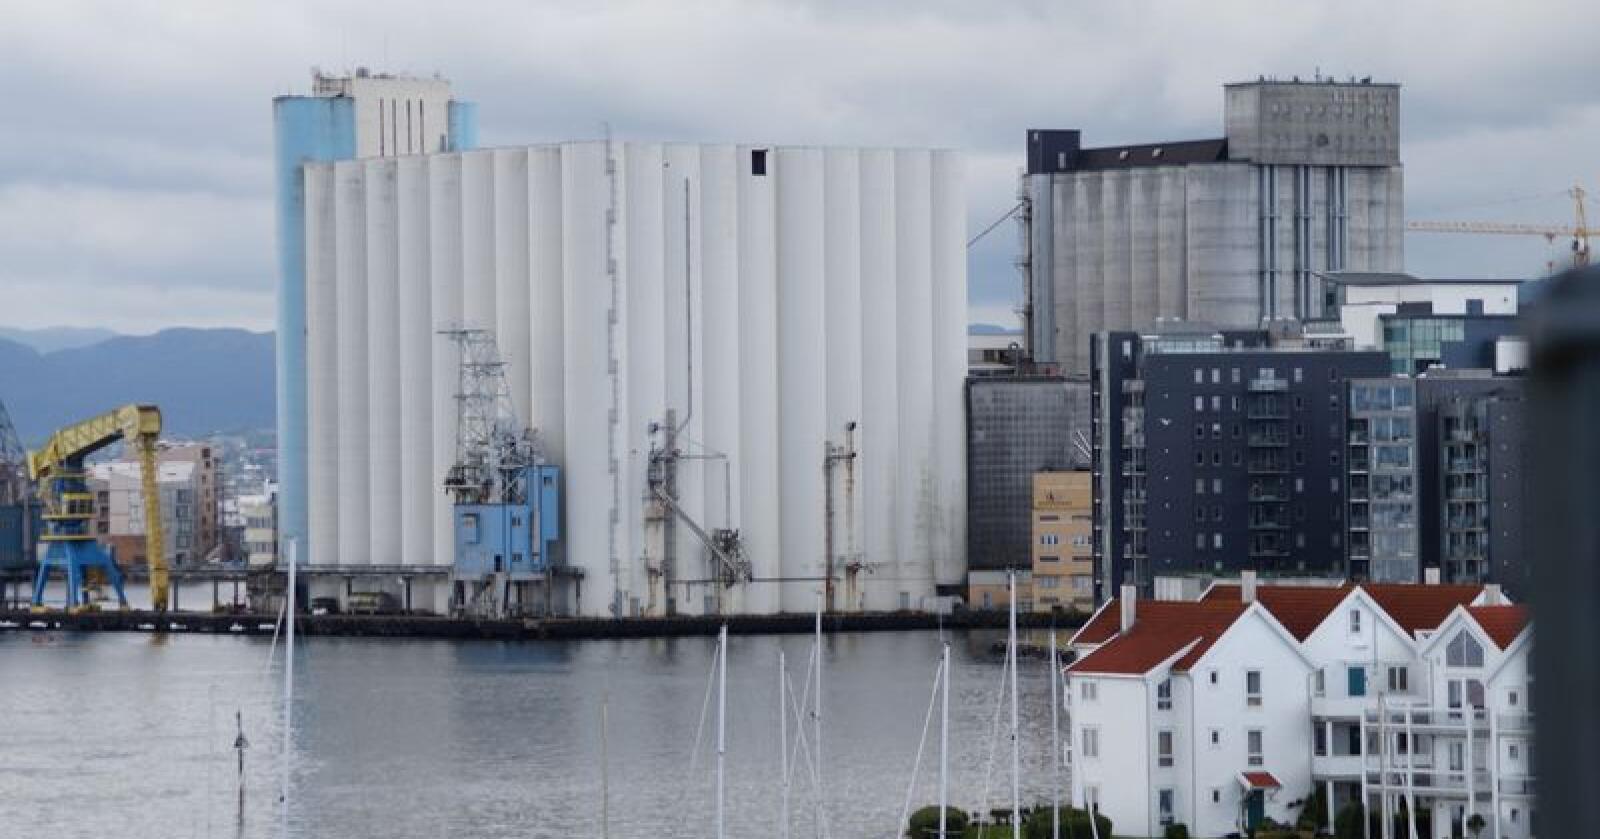 Beredskap: Et flertall på Stortinget sier nei til å opprette en totalberedskapskommisjon som kan gi svar på hvordan det egentlig står til med lokal så vel som nasjonal beredskap i Norge. På bildet sees Stavanger Havnesilo. (Arkivfoto)